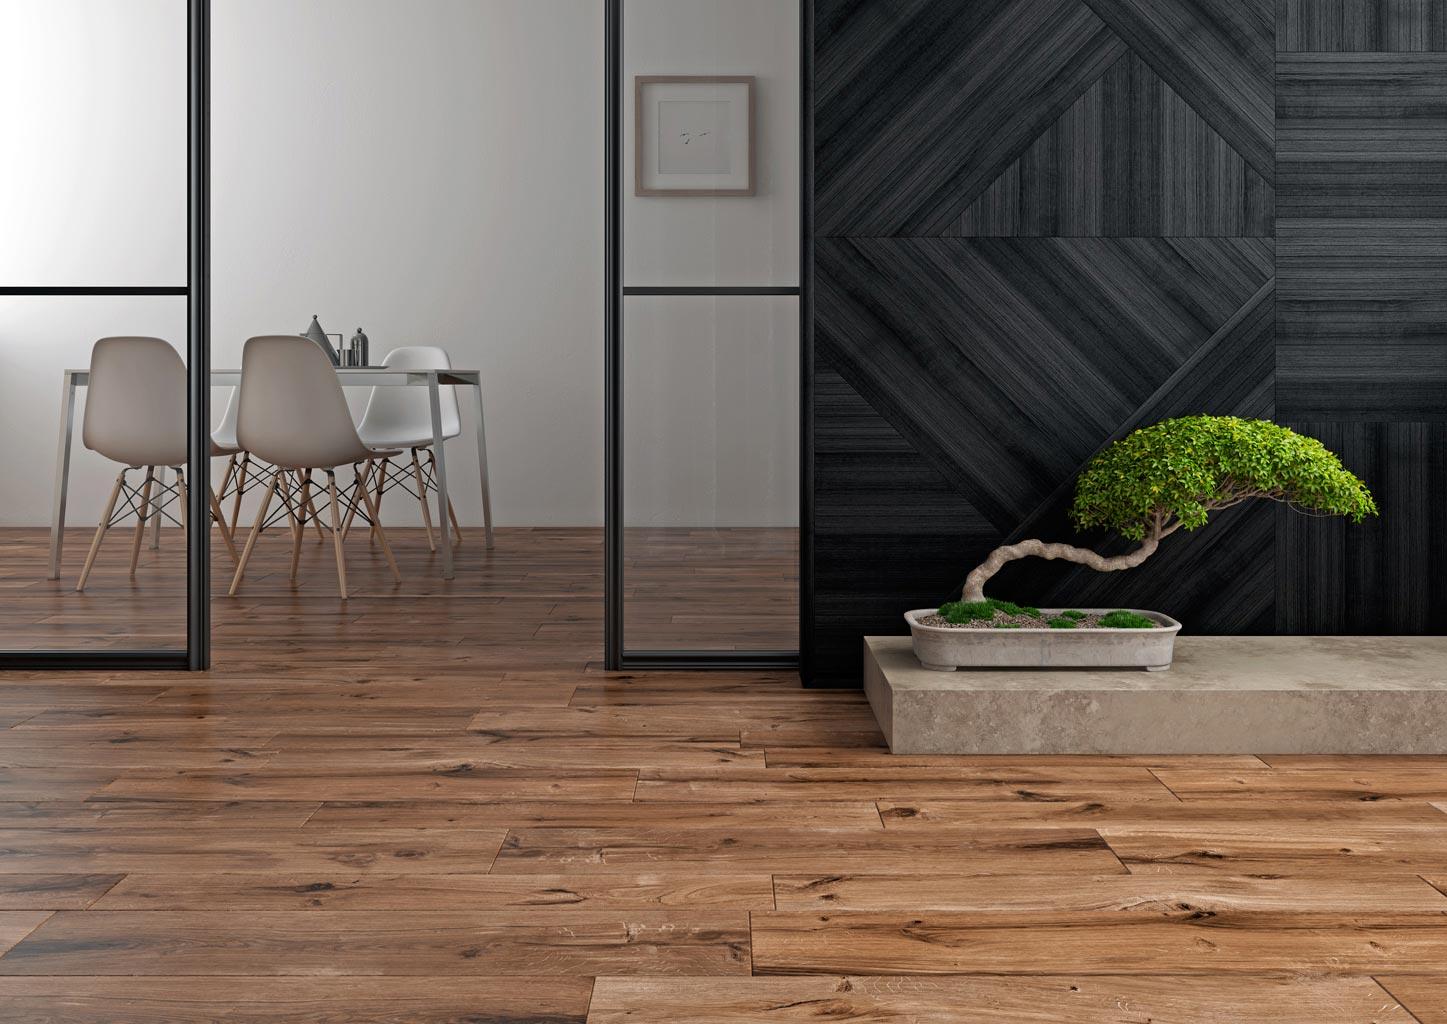 gresie, birccole wood